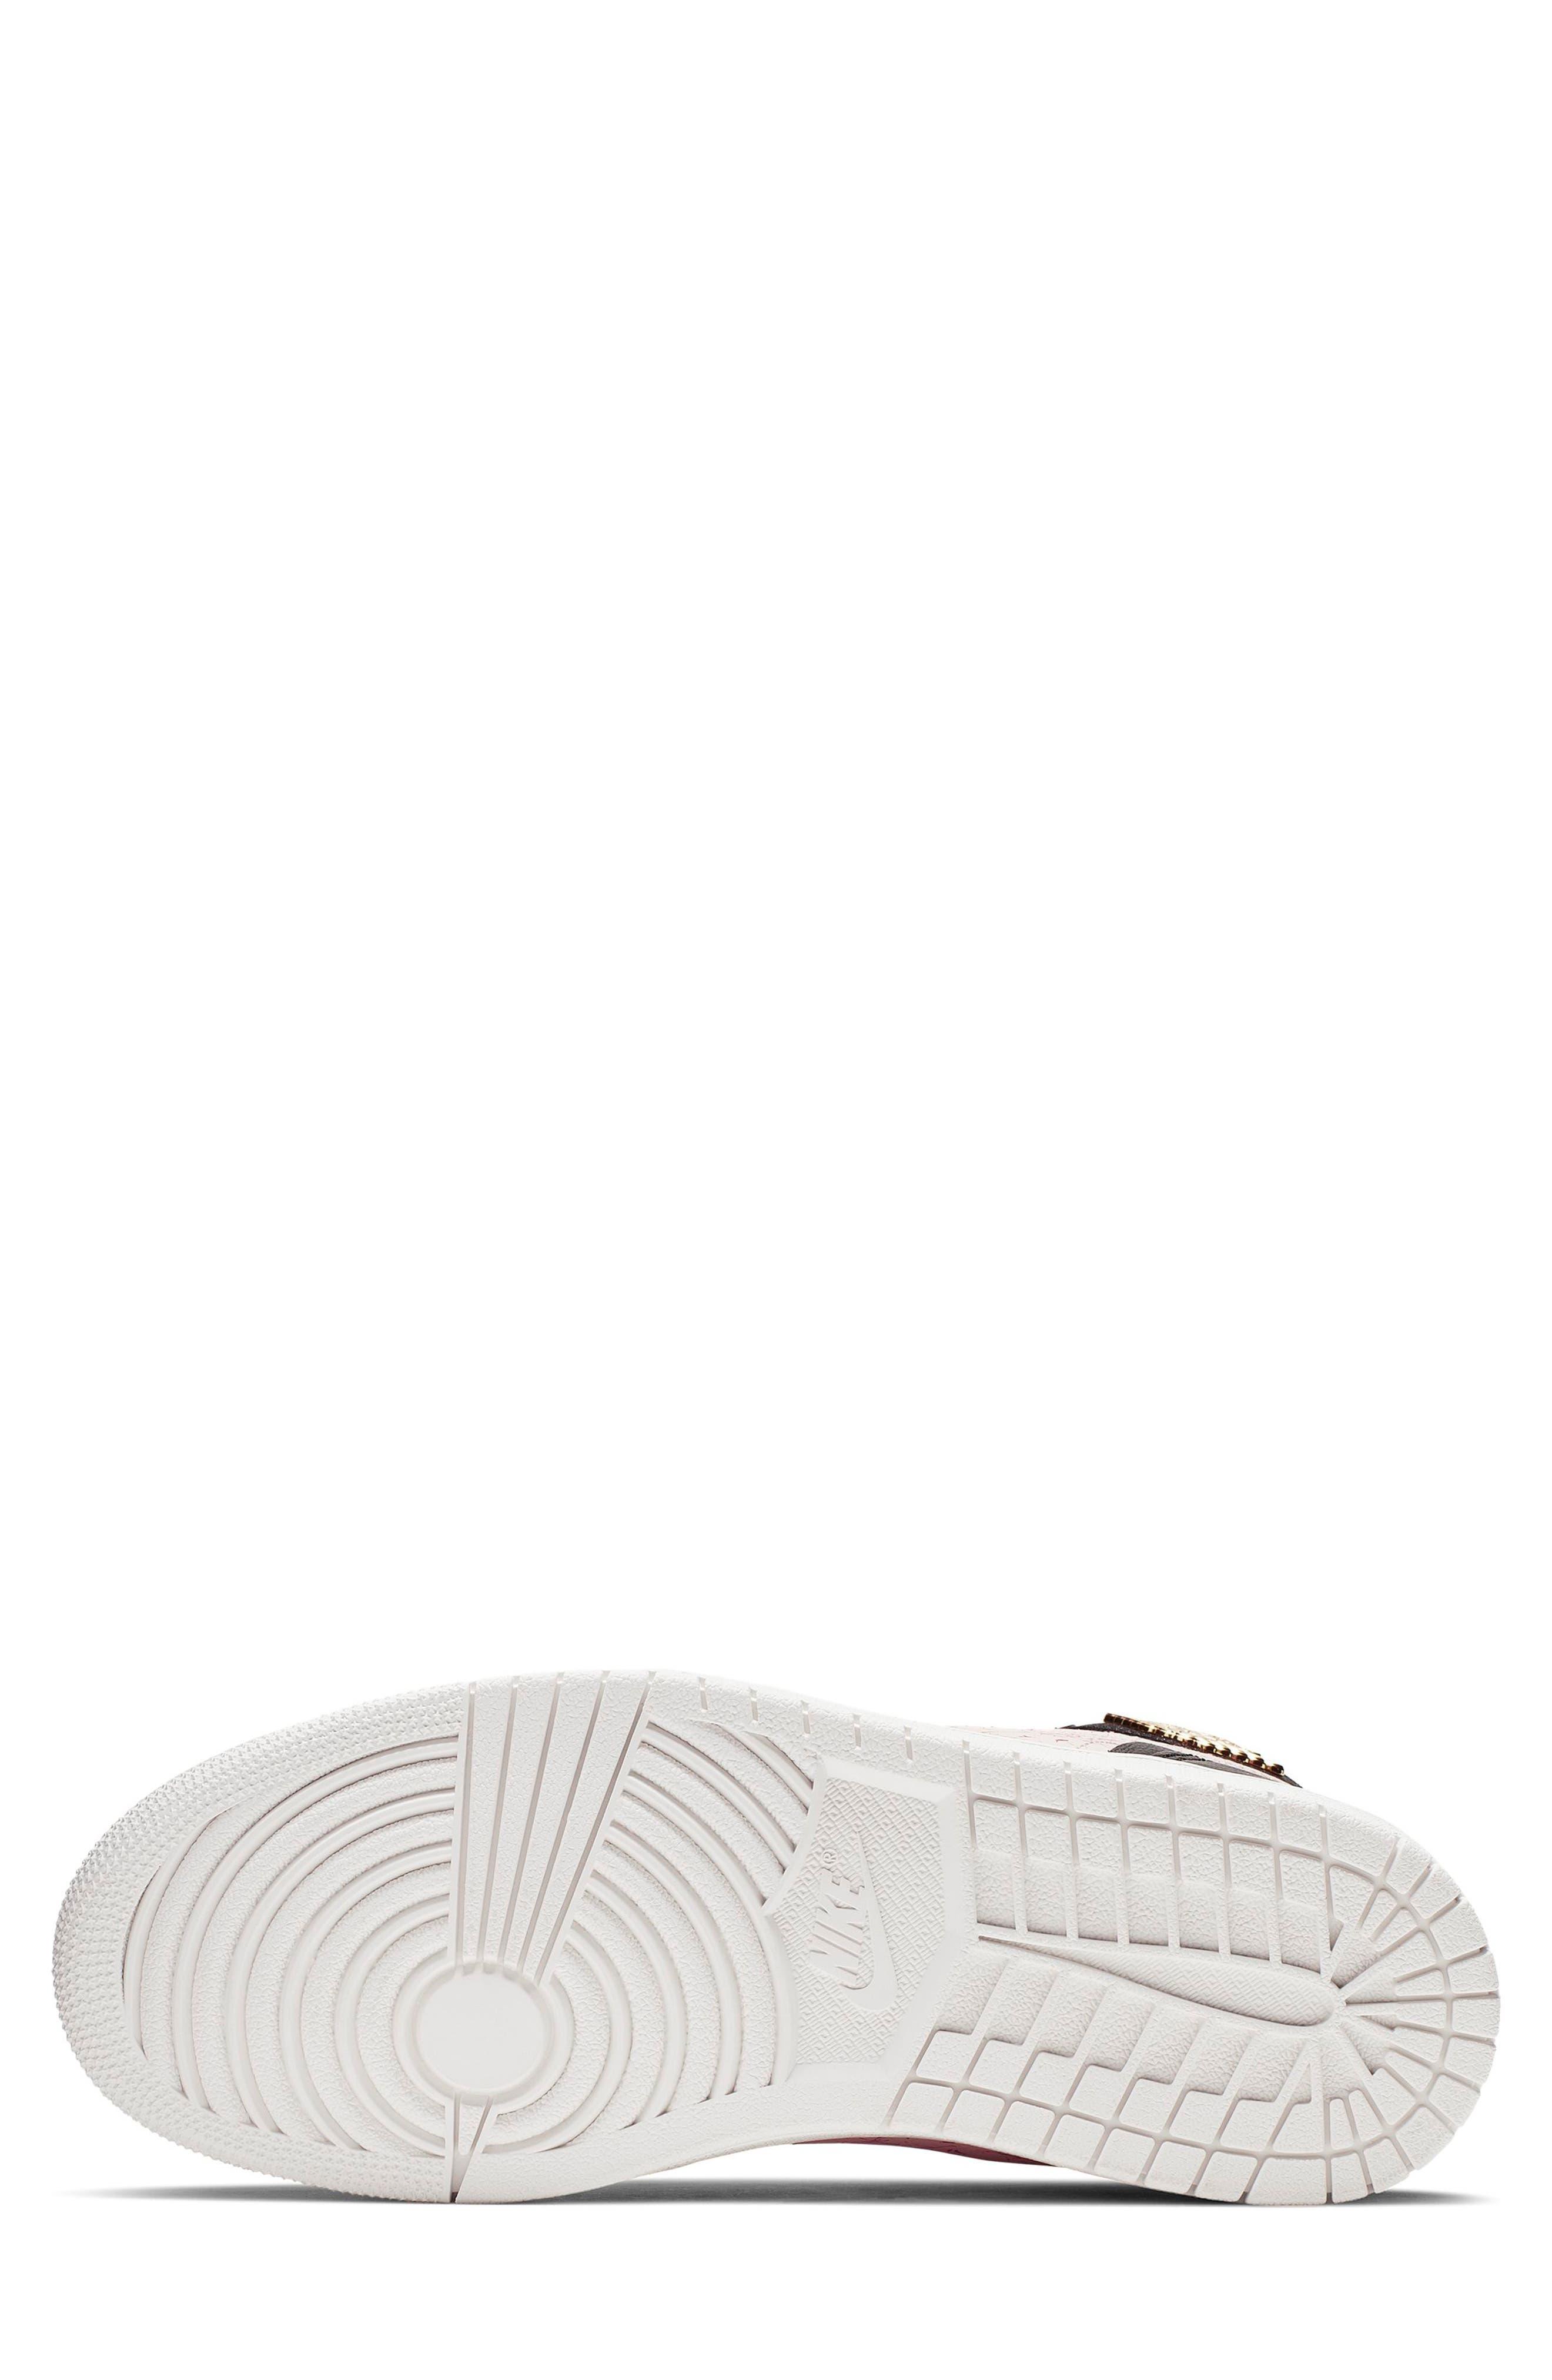 NIKE, Air Jordan 1 Zip High Top Sneakers, Alternate thumbnail 6, color, BLACK/ GOLD/ PHANTOM/ RED